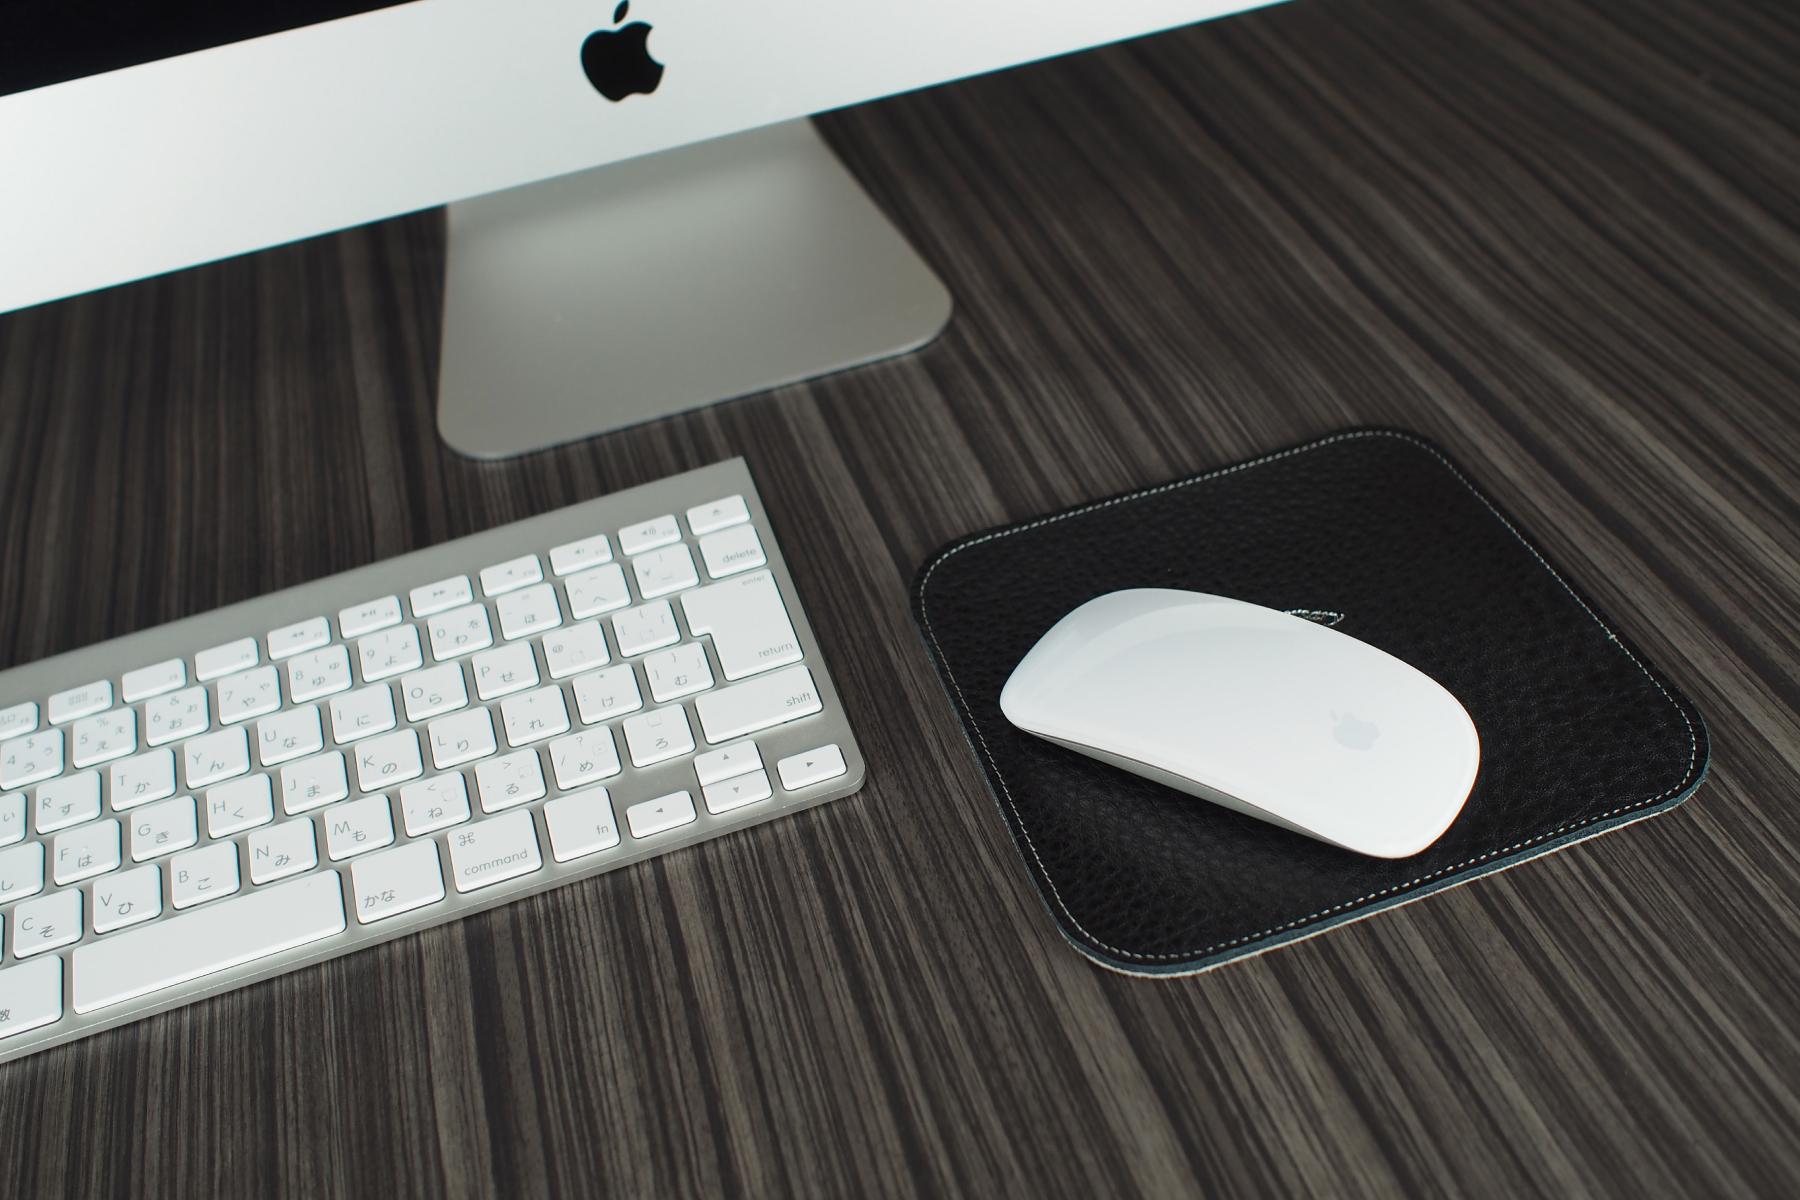 レザースマホマットをマウスパッドとして使用した例